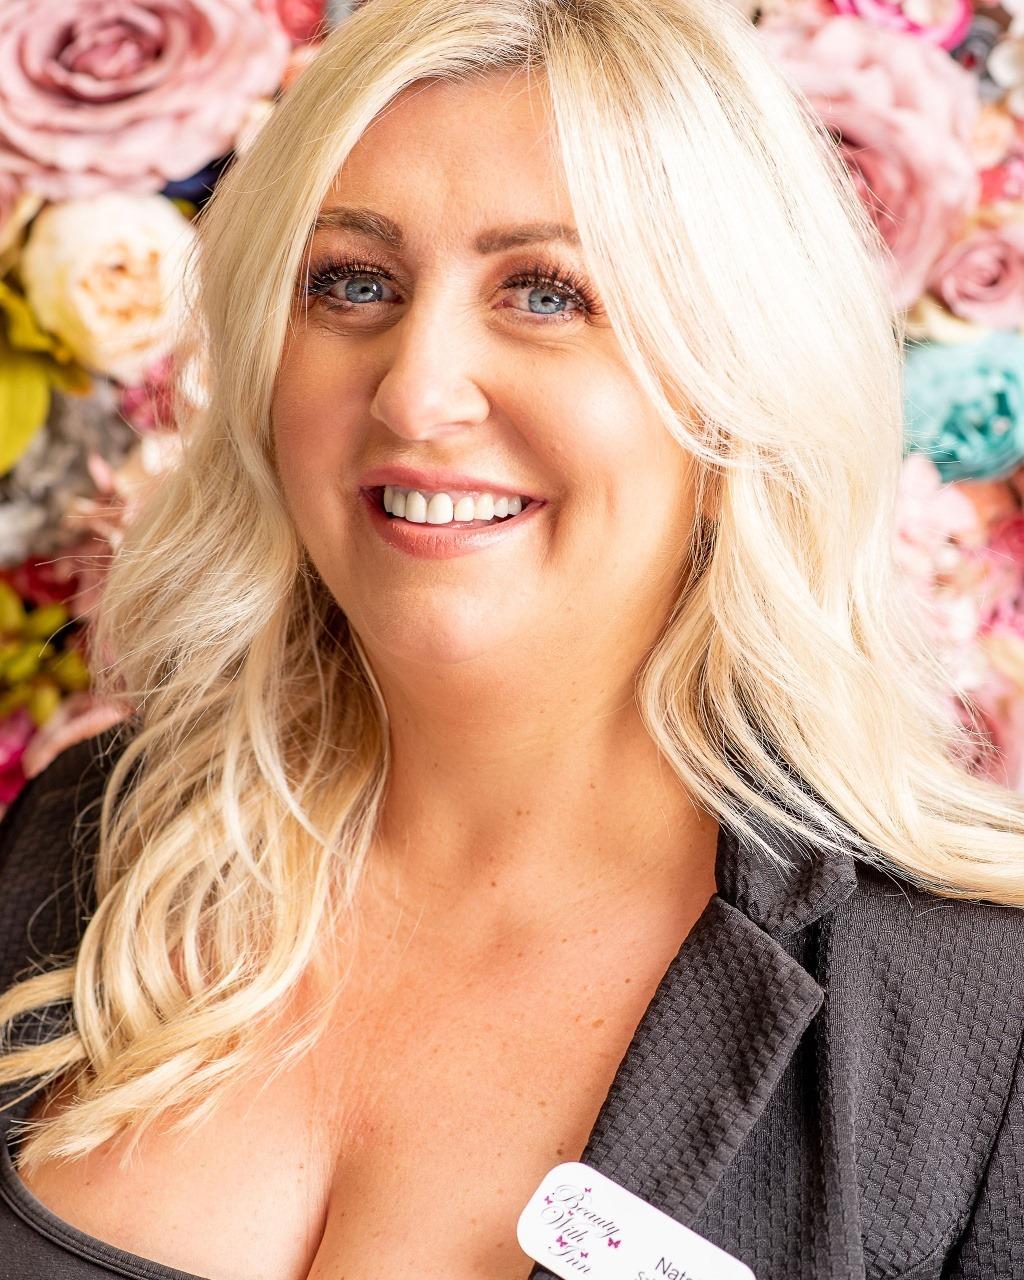 Natalie Salon Owner Beauty Withinn